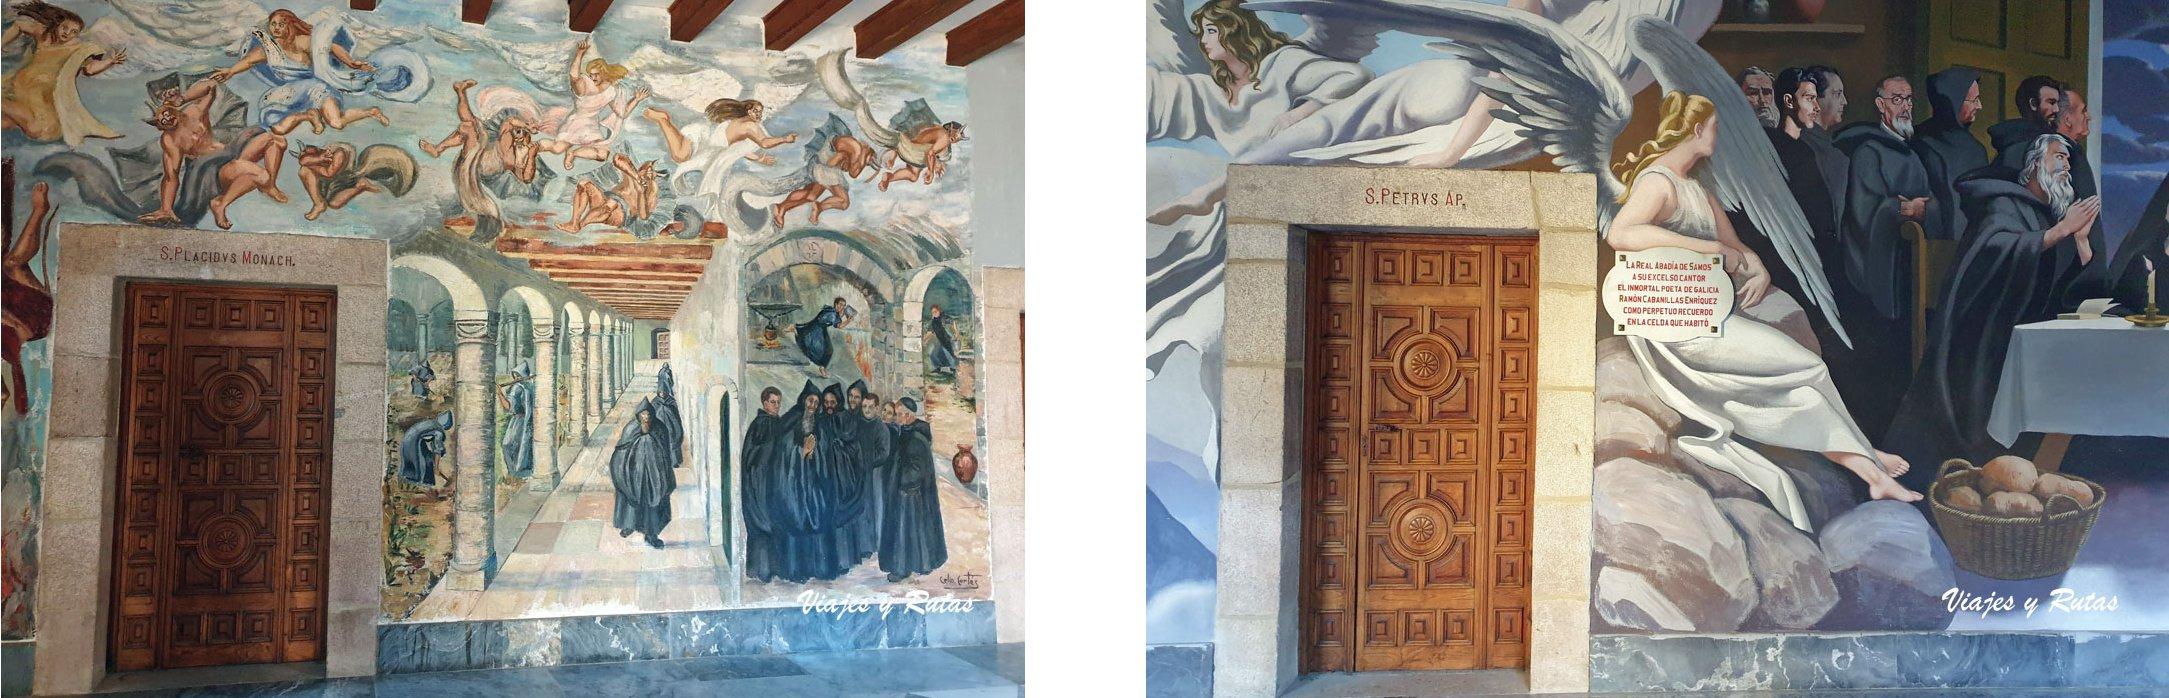 Pinturas Murales del Monasterio de Samos